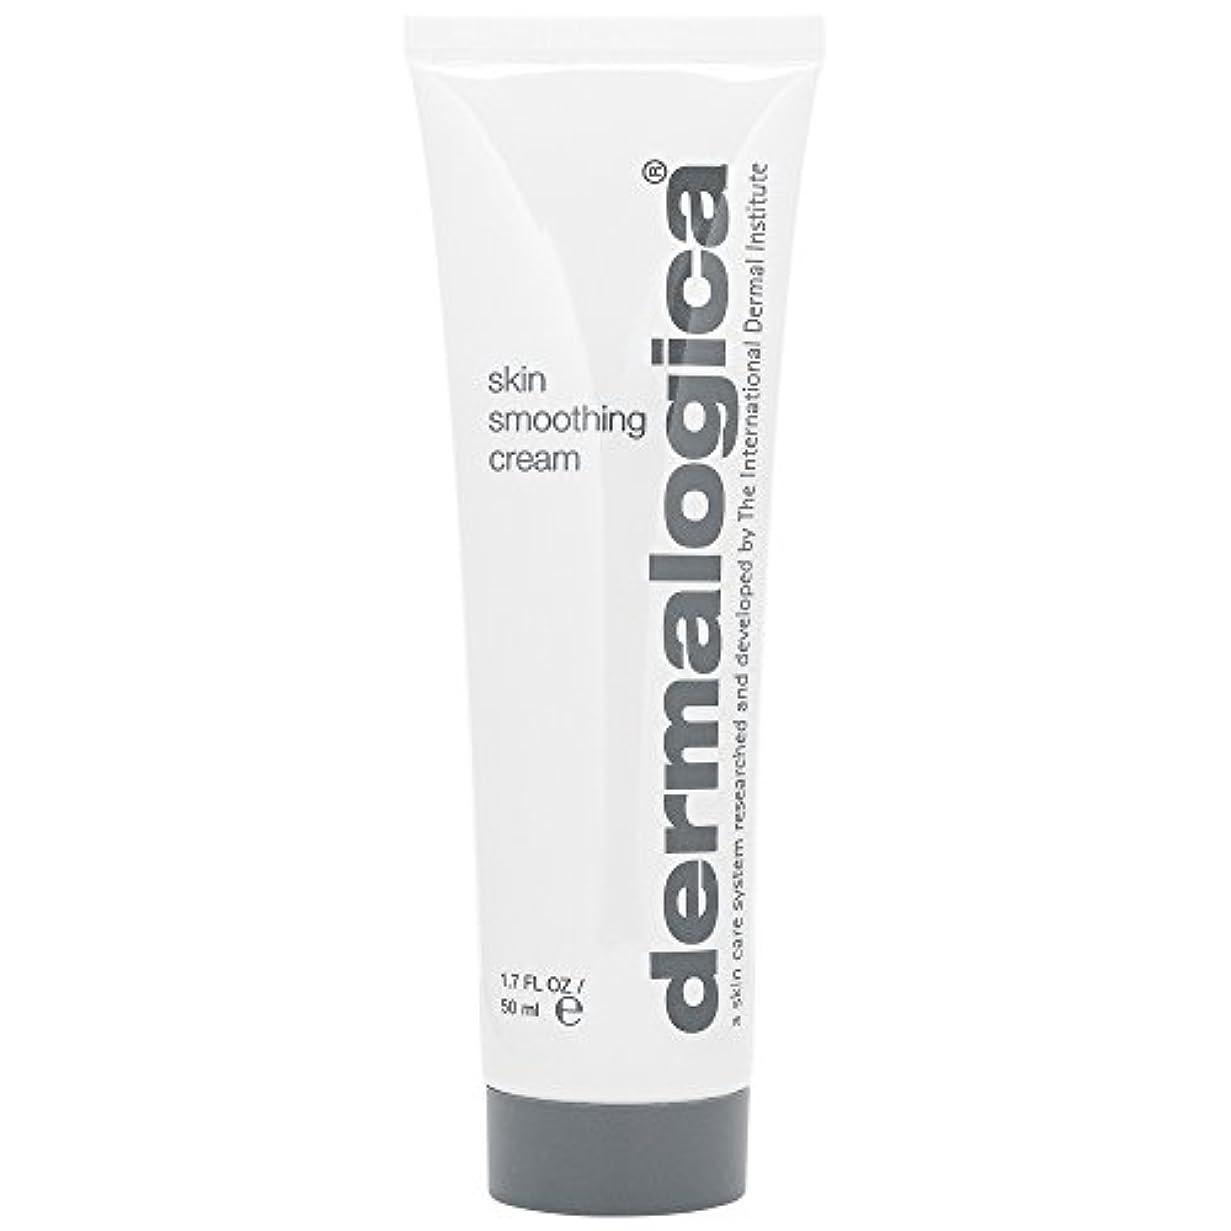 窒素シーズン士気ダーマロジカスキンスムージングクリーム50ミリリットル (Dermalogica) (x6) - Dermalogica Skin Smoothing Cream 50ml (Pack of 6) [並行輸入品]